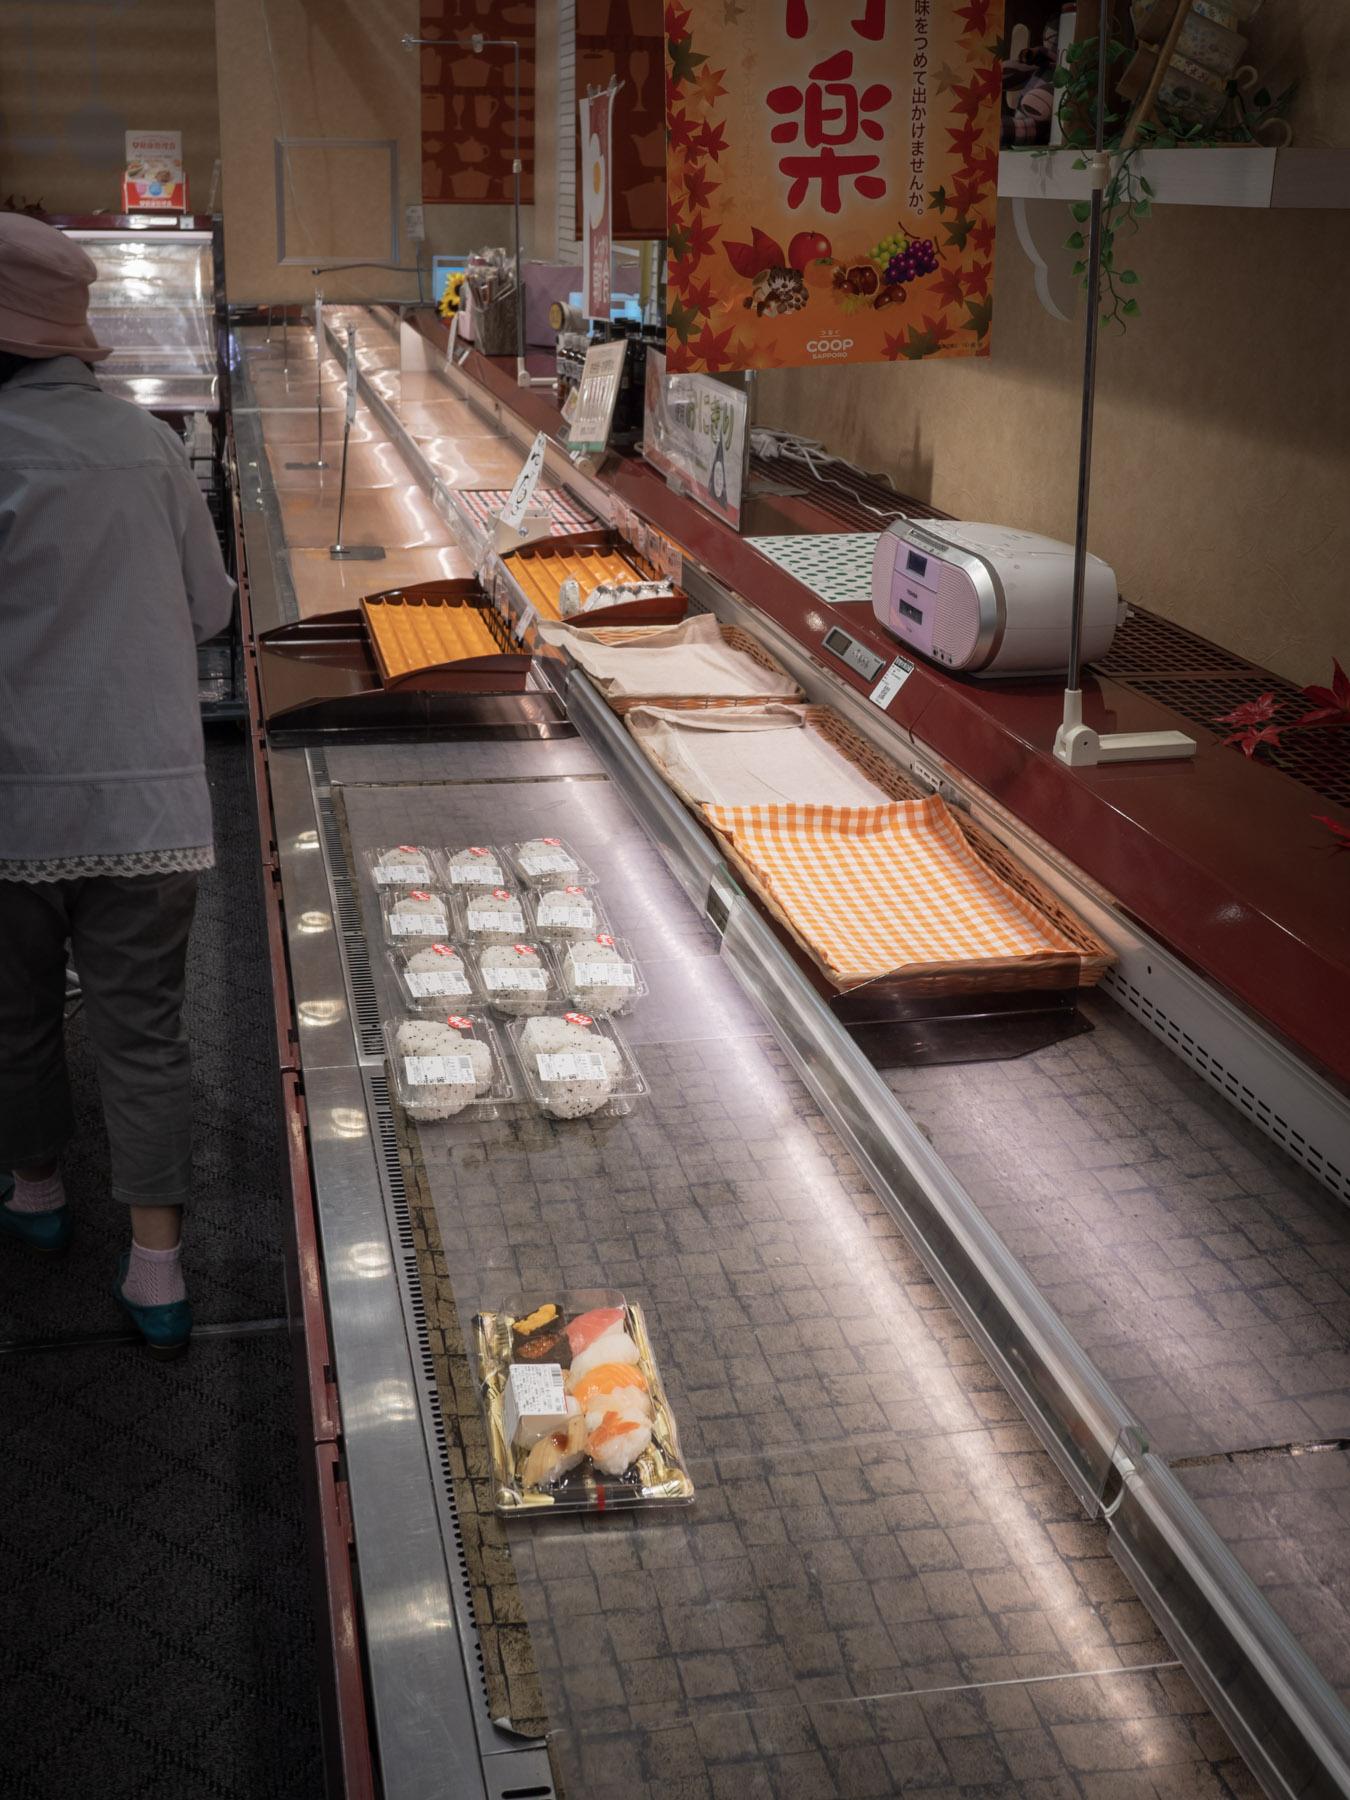 コープさっぽろ石川店の惣菜コーナーにひとつだけ残った握り寿司のパック